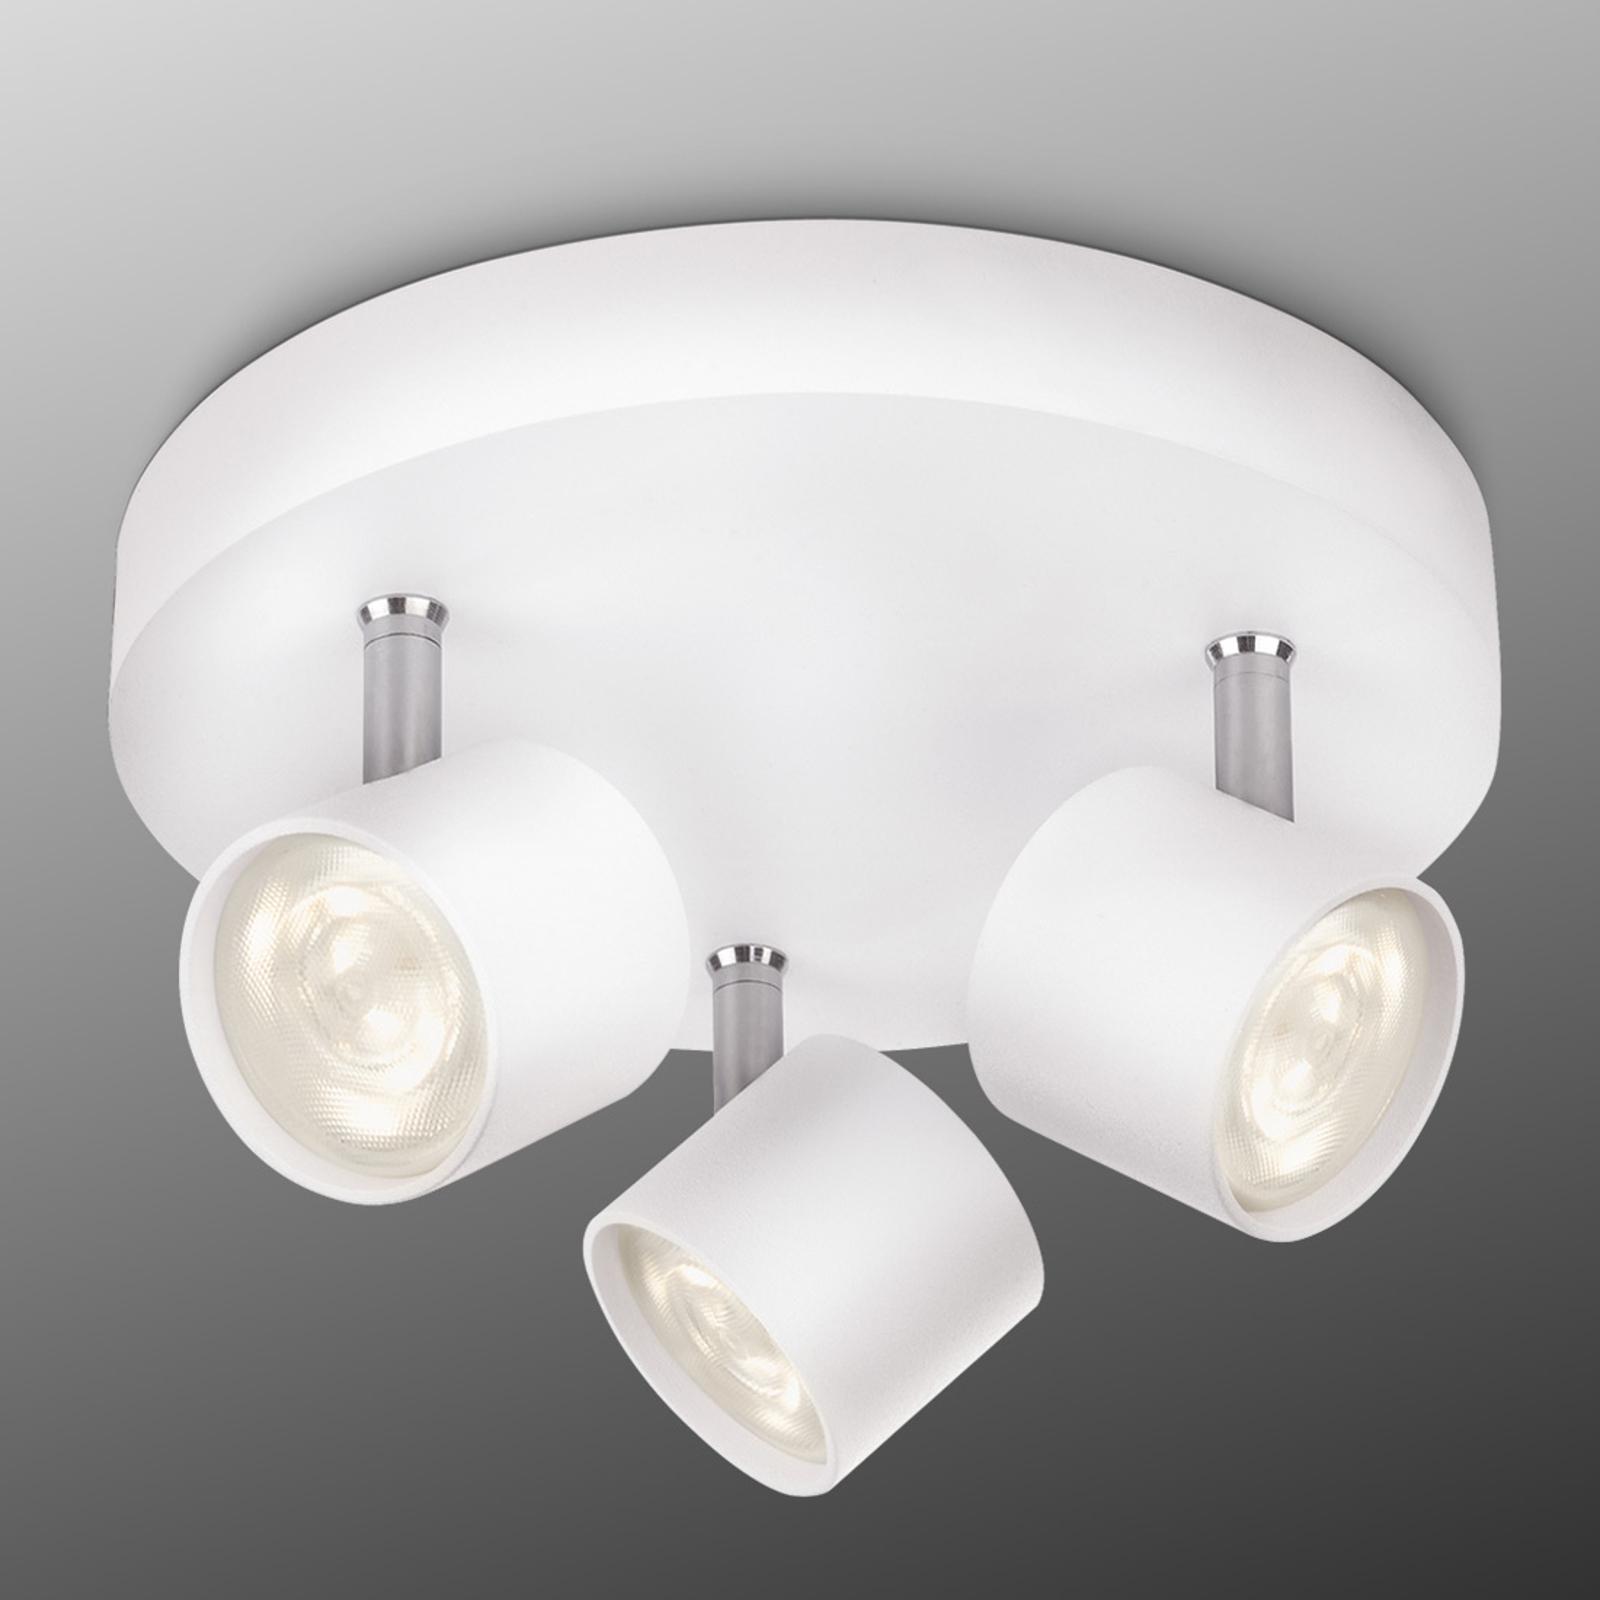 Star LED taklampe med tre lyskilder, hvit, rund